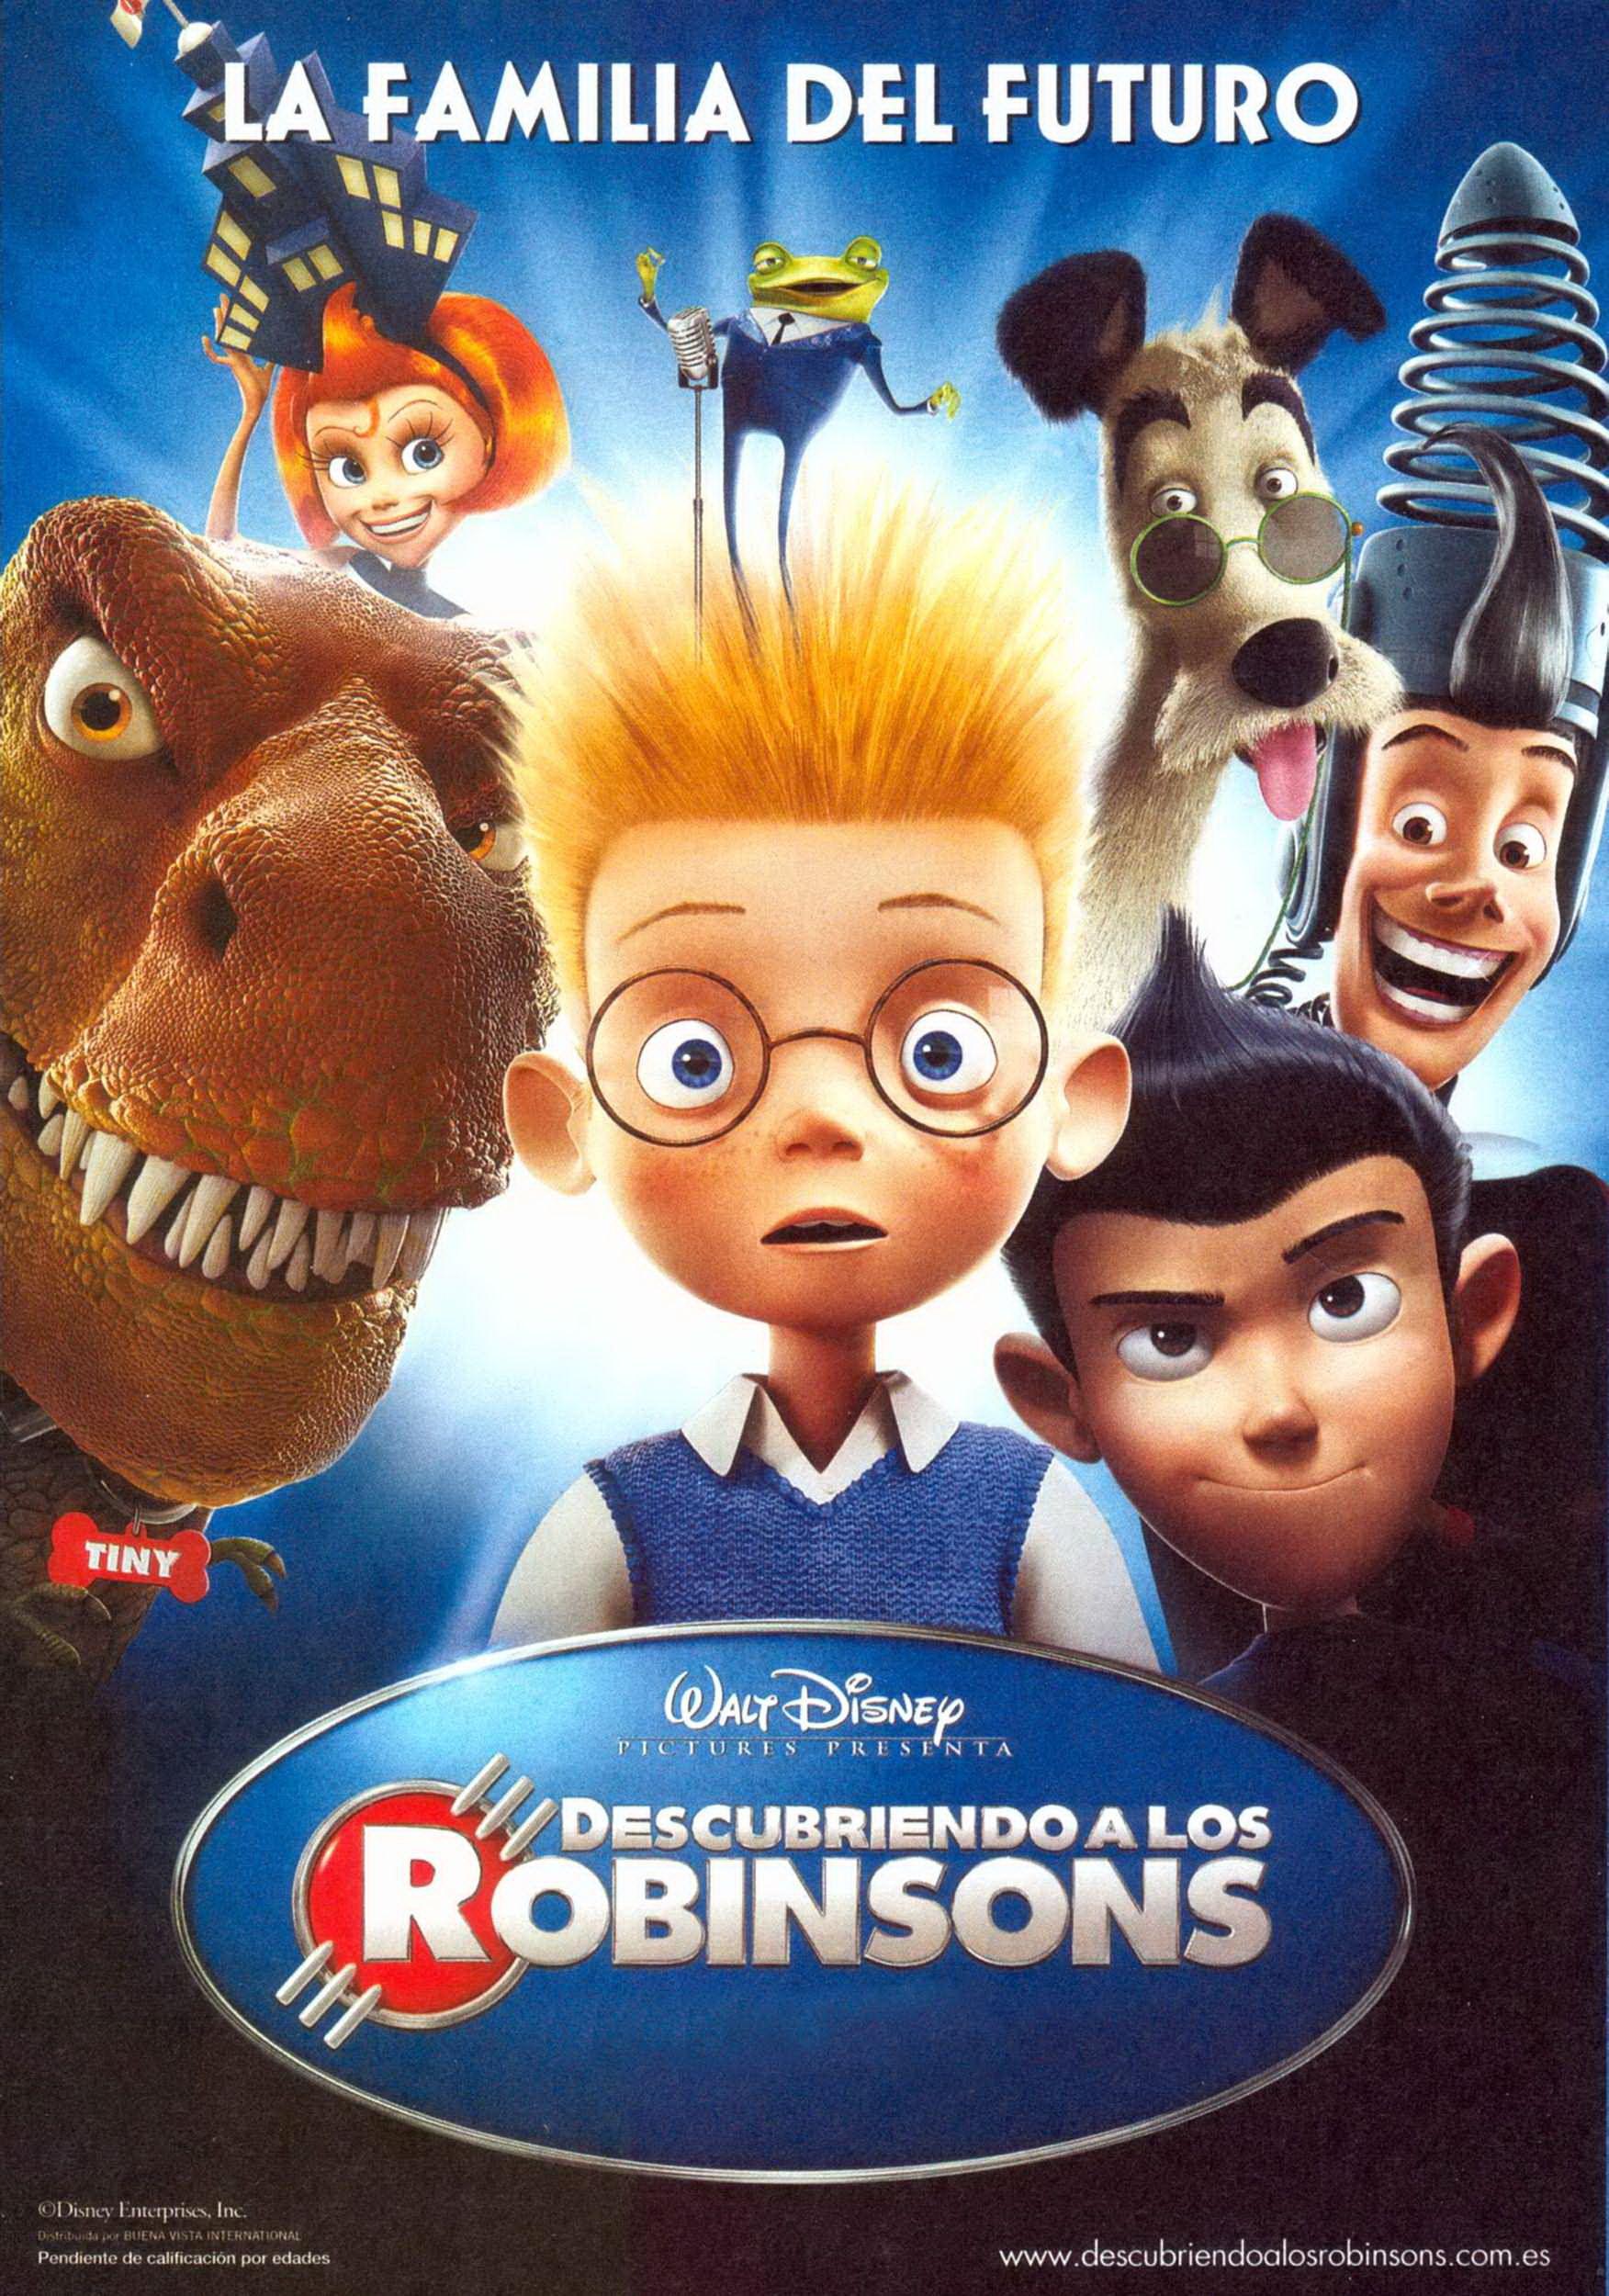 Descubriendo A Los Robinsons Descubriendo A Los Robinsons Cine Para Niños Peliculas Infantiles De Disney